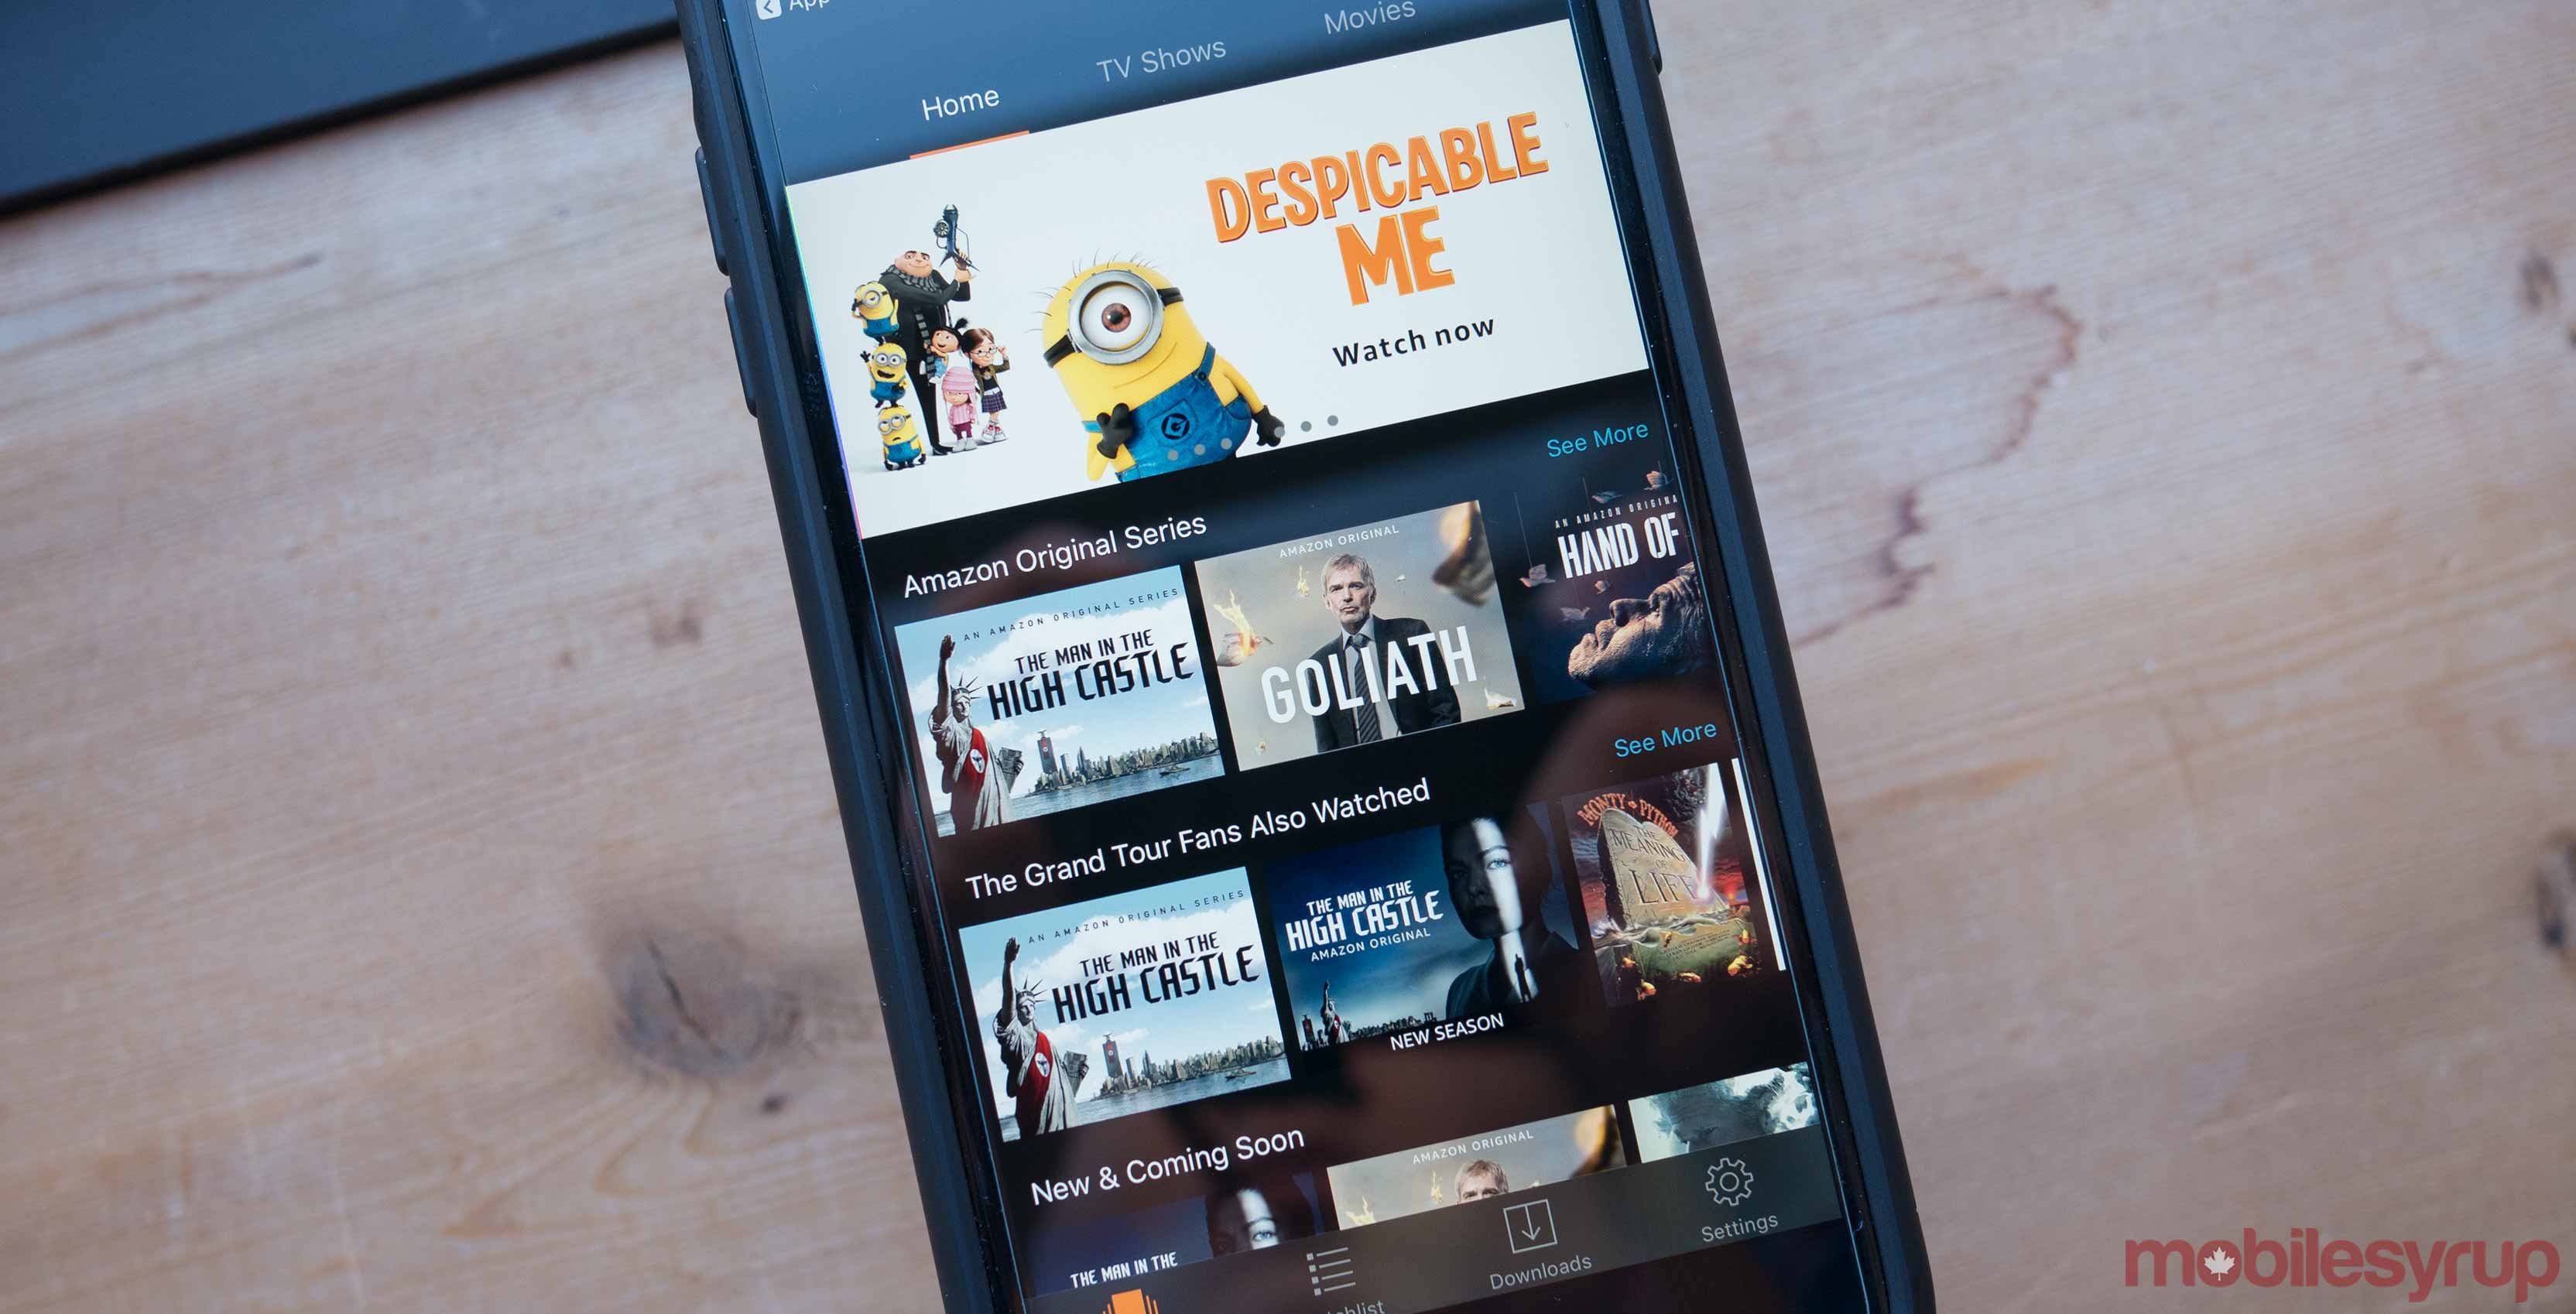 Amazon Prime video on smartphone